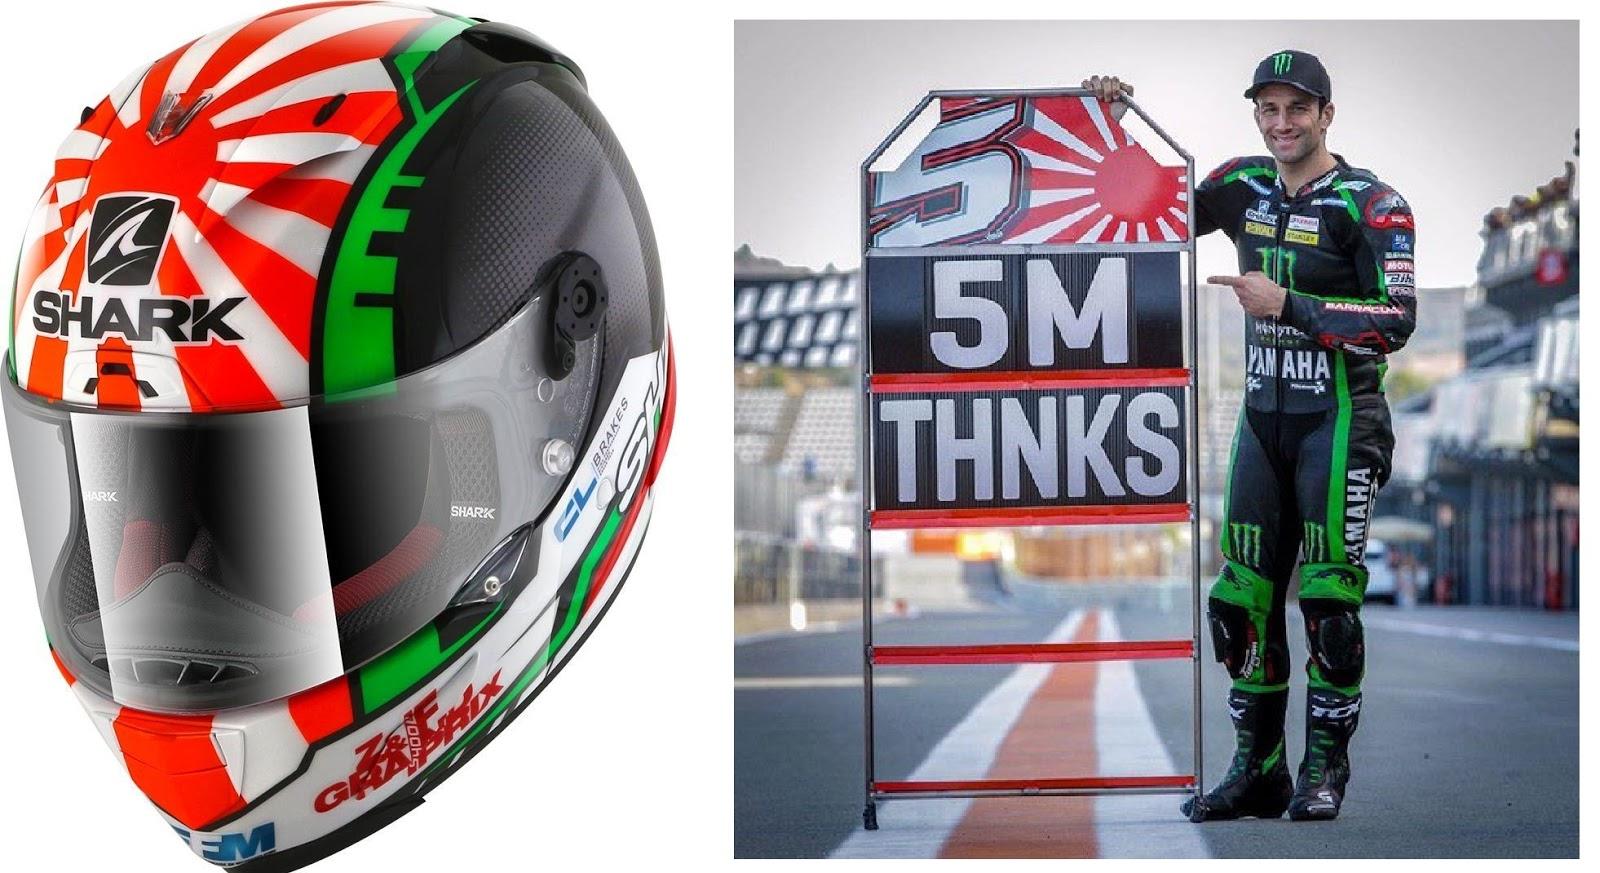 ザルコ遂に韓国人にヘルメットデザインを抗議される!!